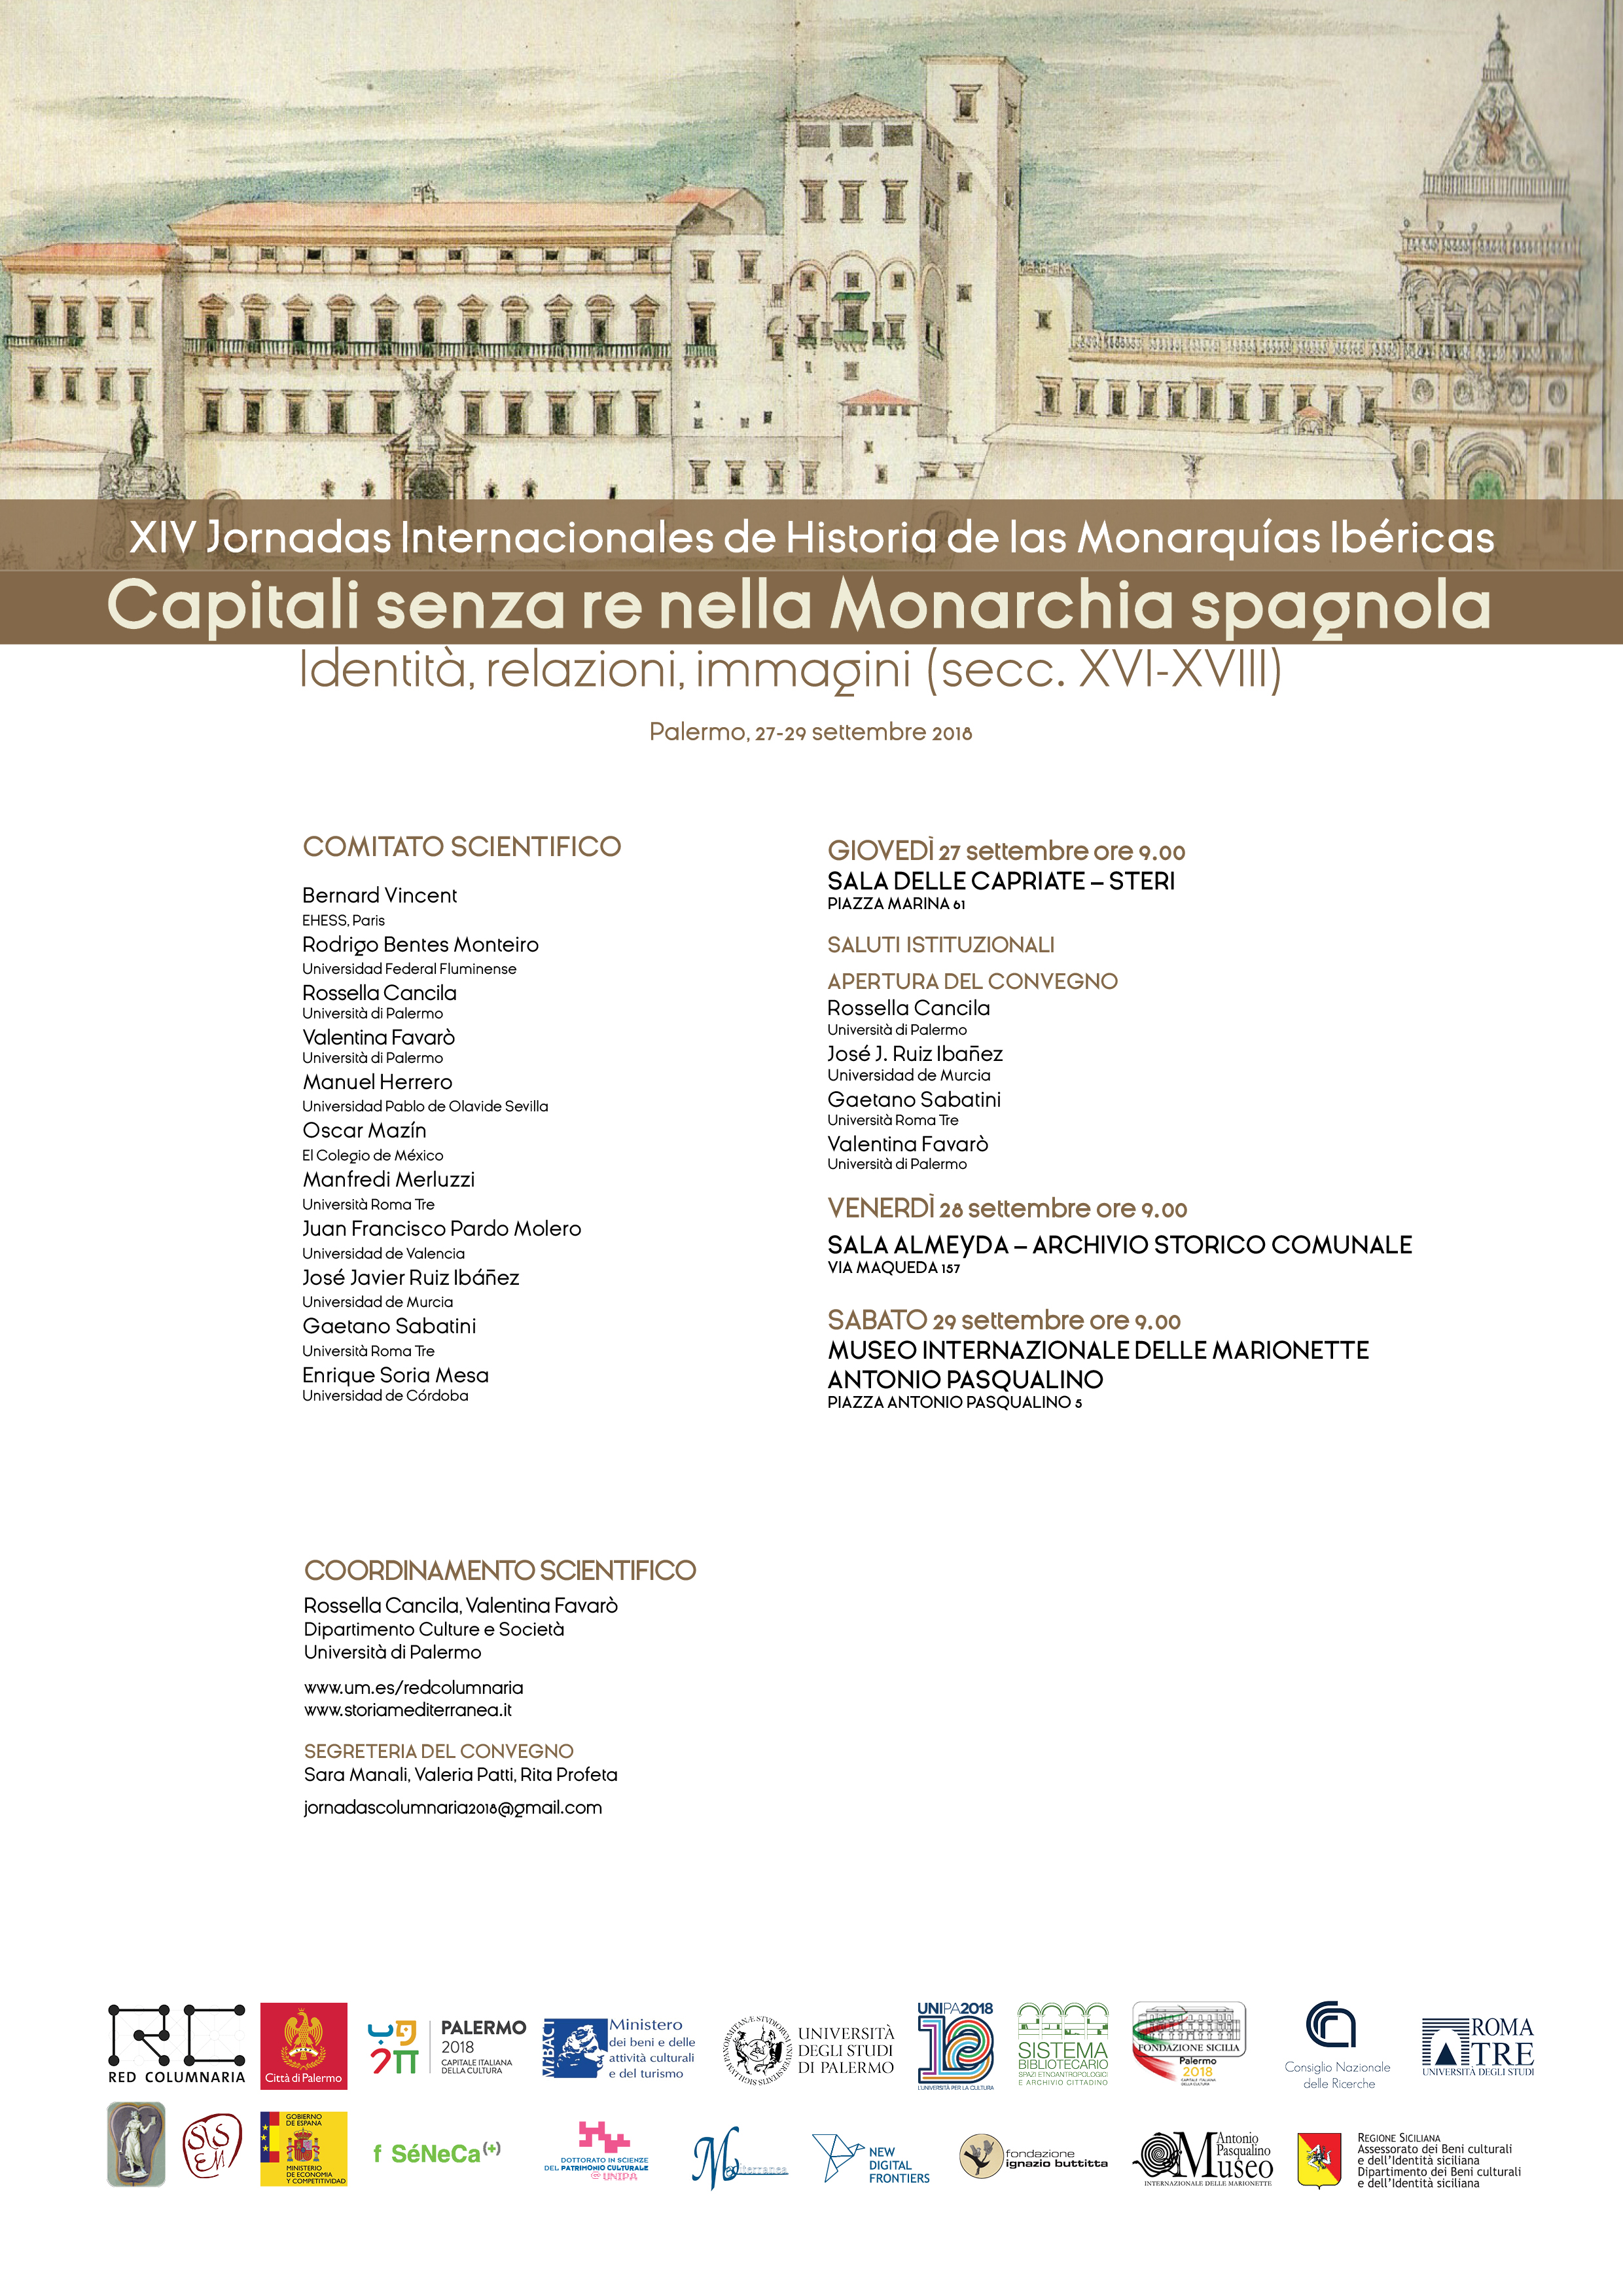 27-28-29 SETTEMBRE A PALERMO IL CONVEGNO INTERNAZIONALE  CAPITALI SENZA RE NELLA MONARCHIA SPAGNOLA